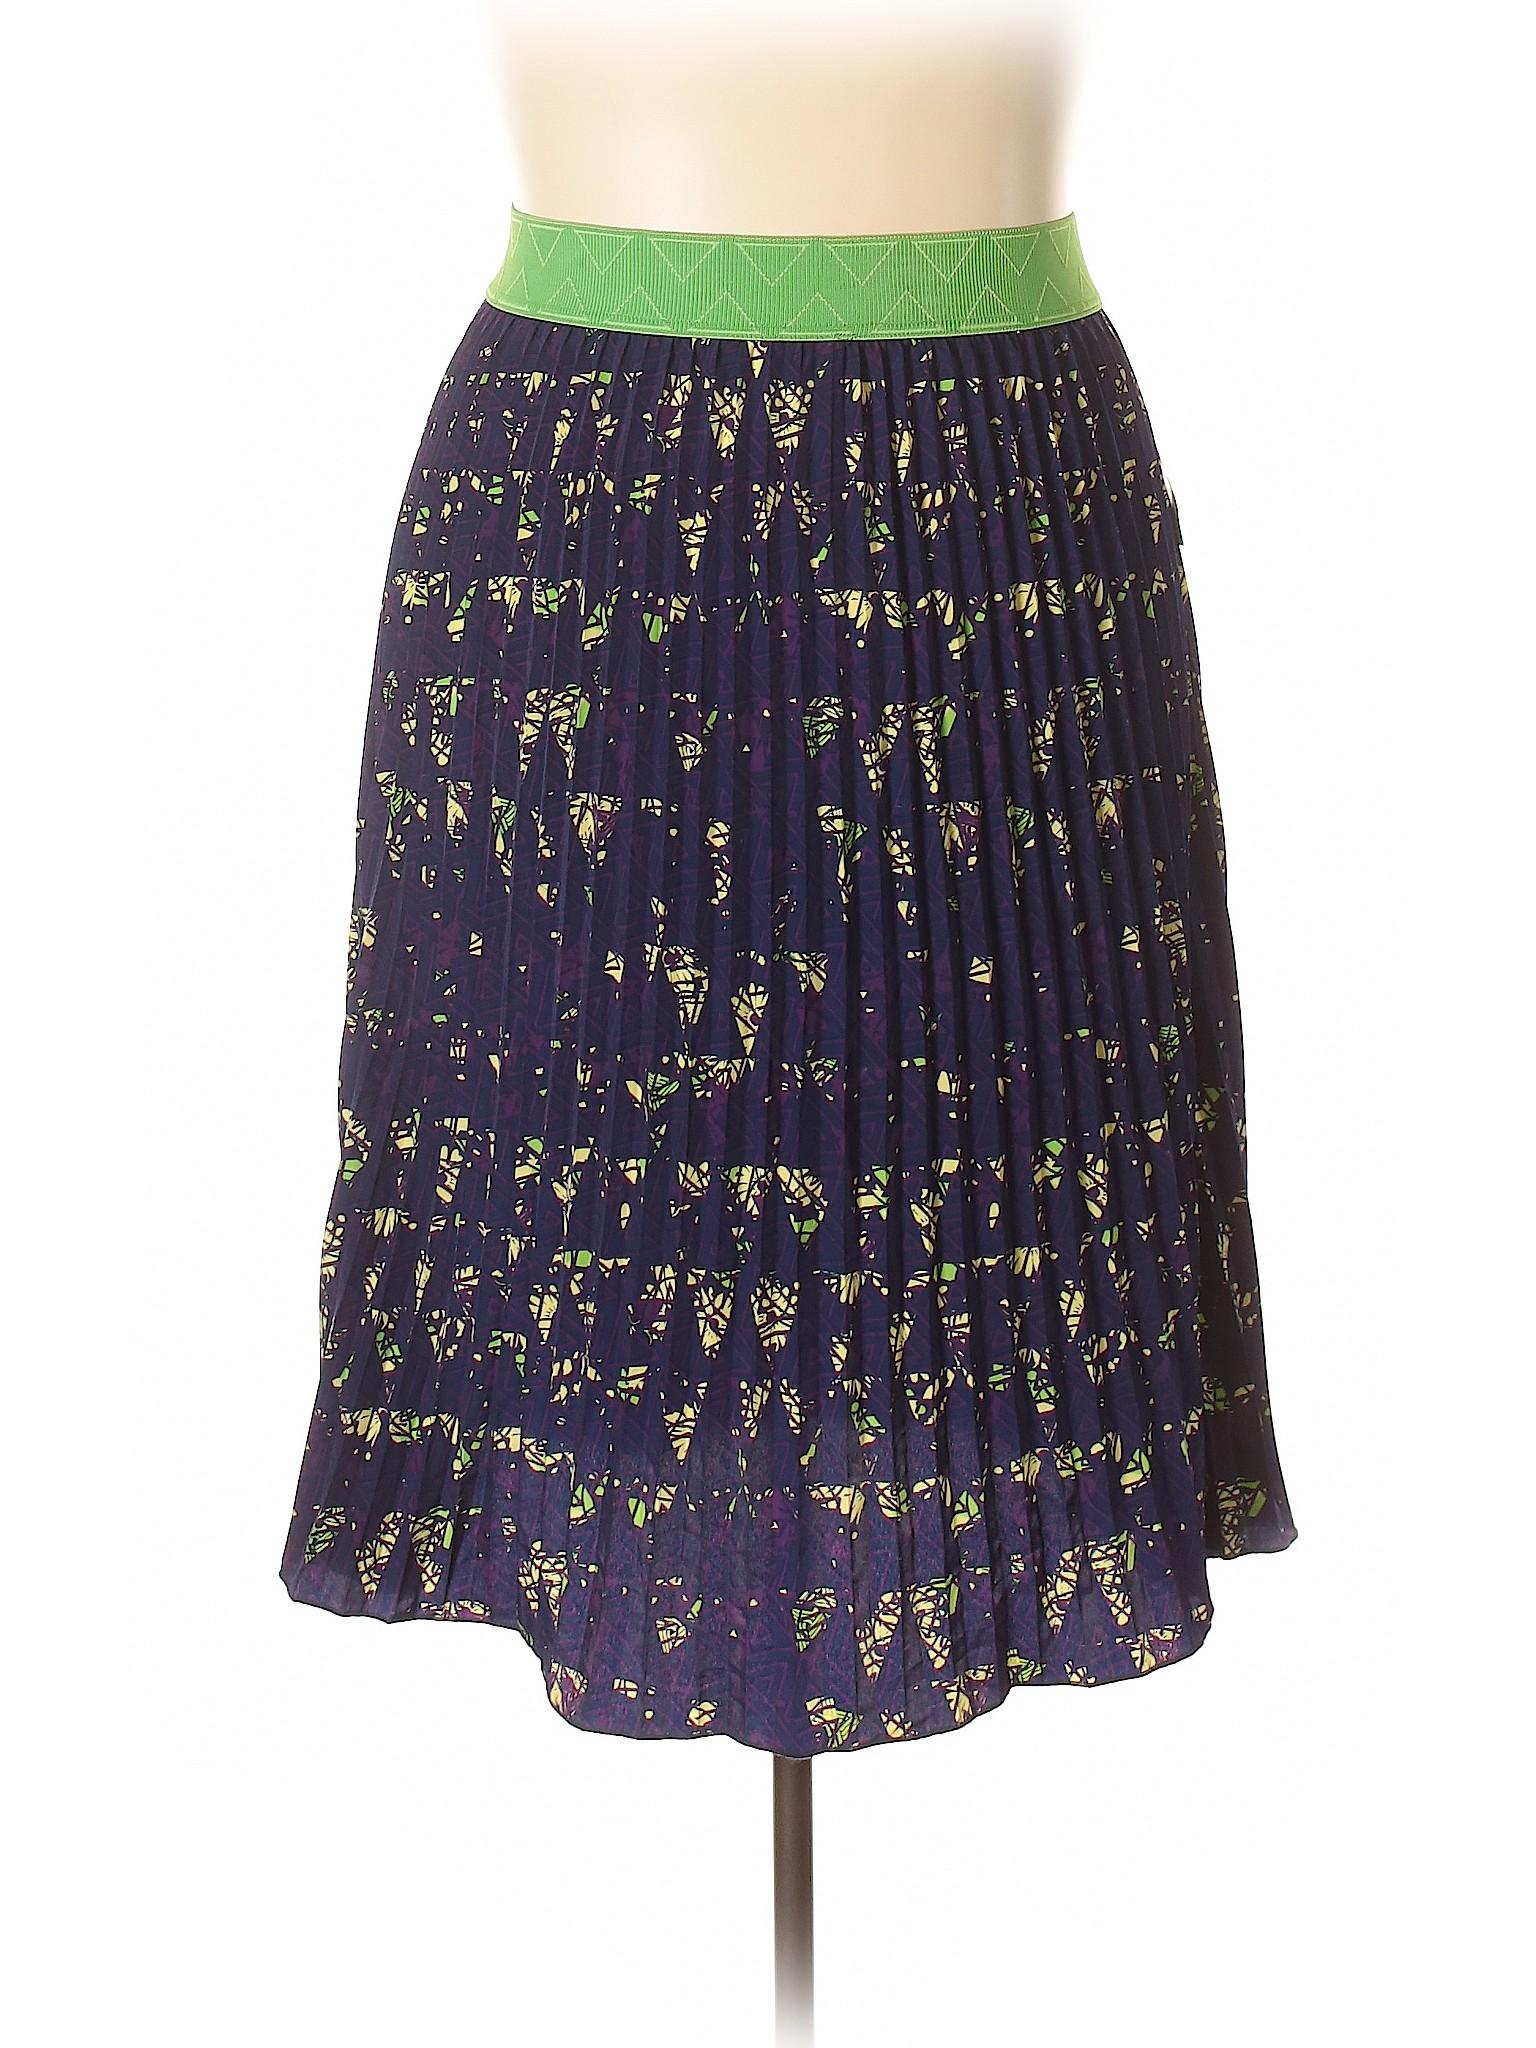 Lularoe Lularoe Lularoe Boutique Skirt Casual Boutique Skirt Boutique Casual xqY5EwHCH